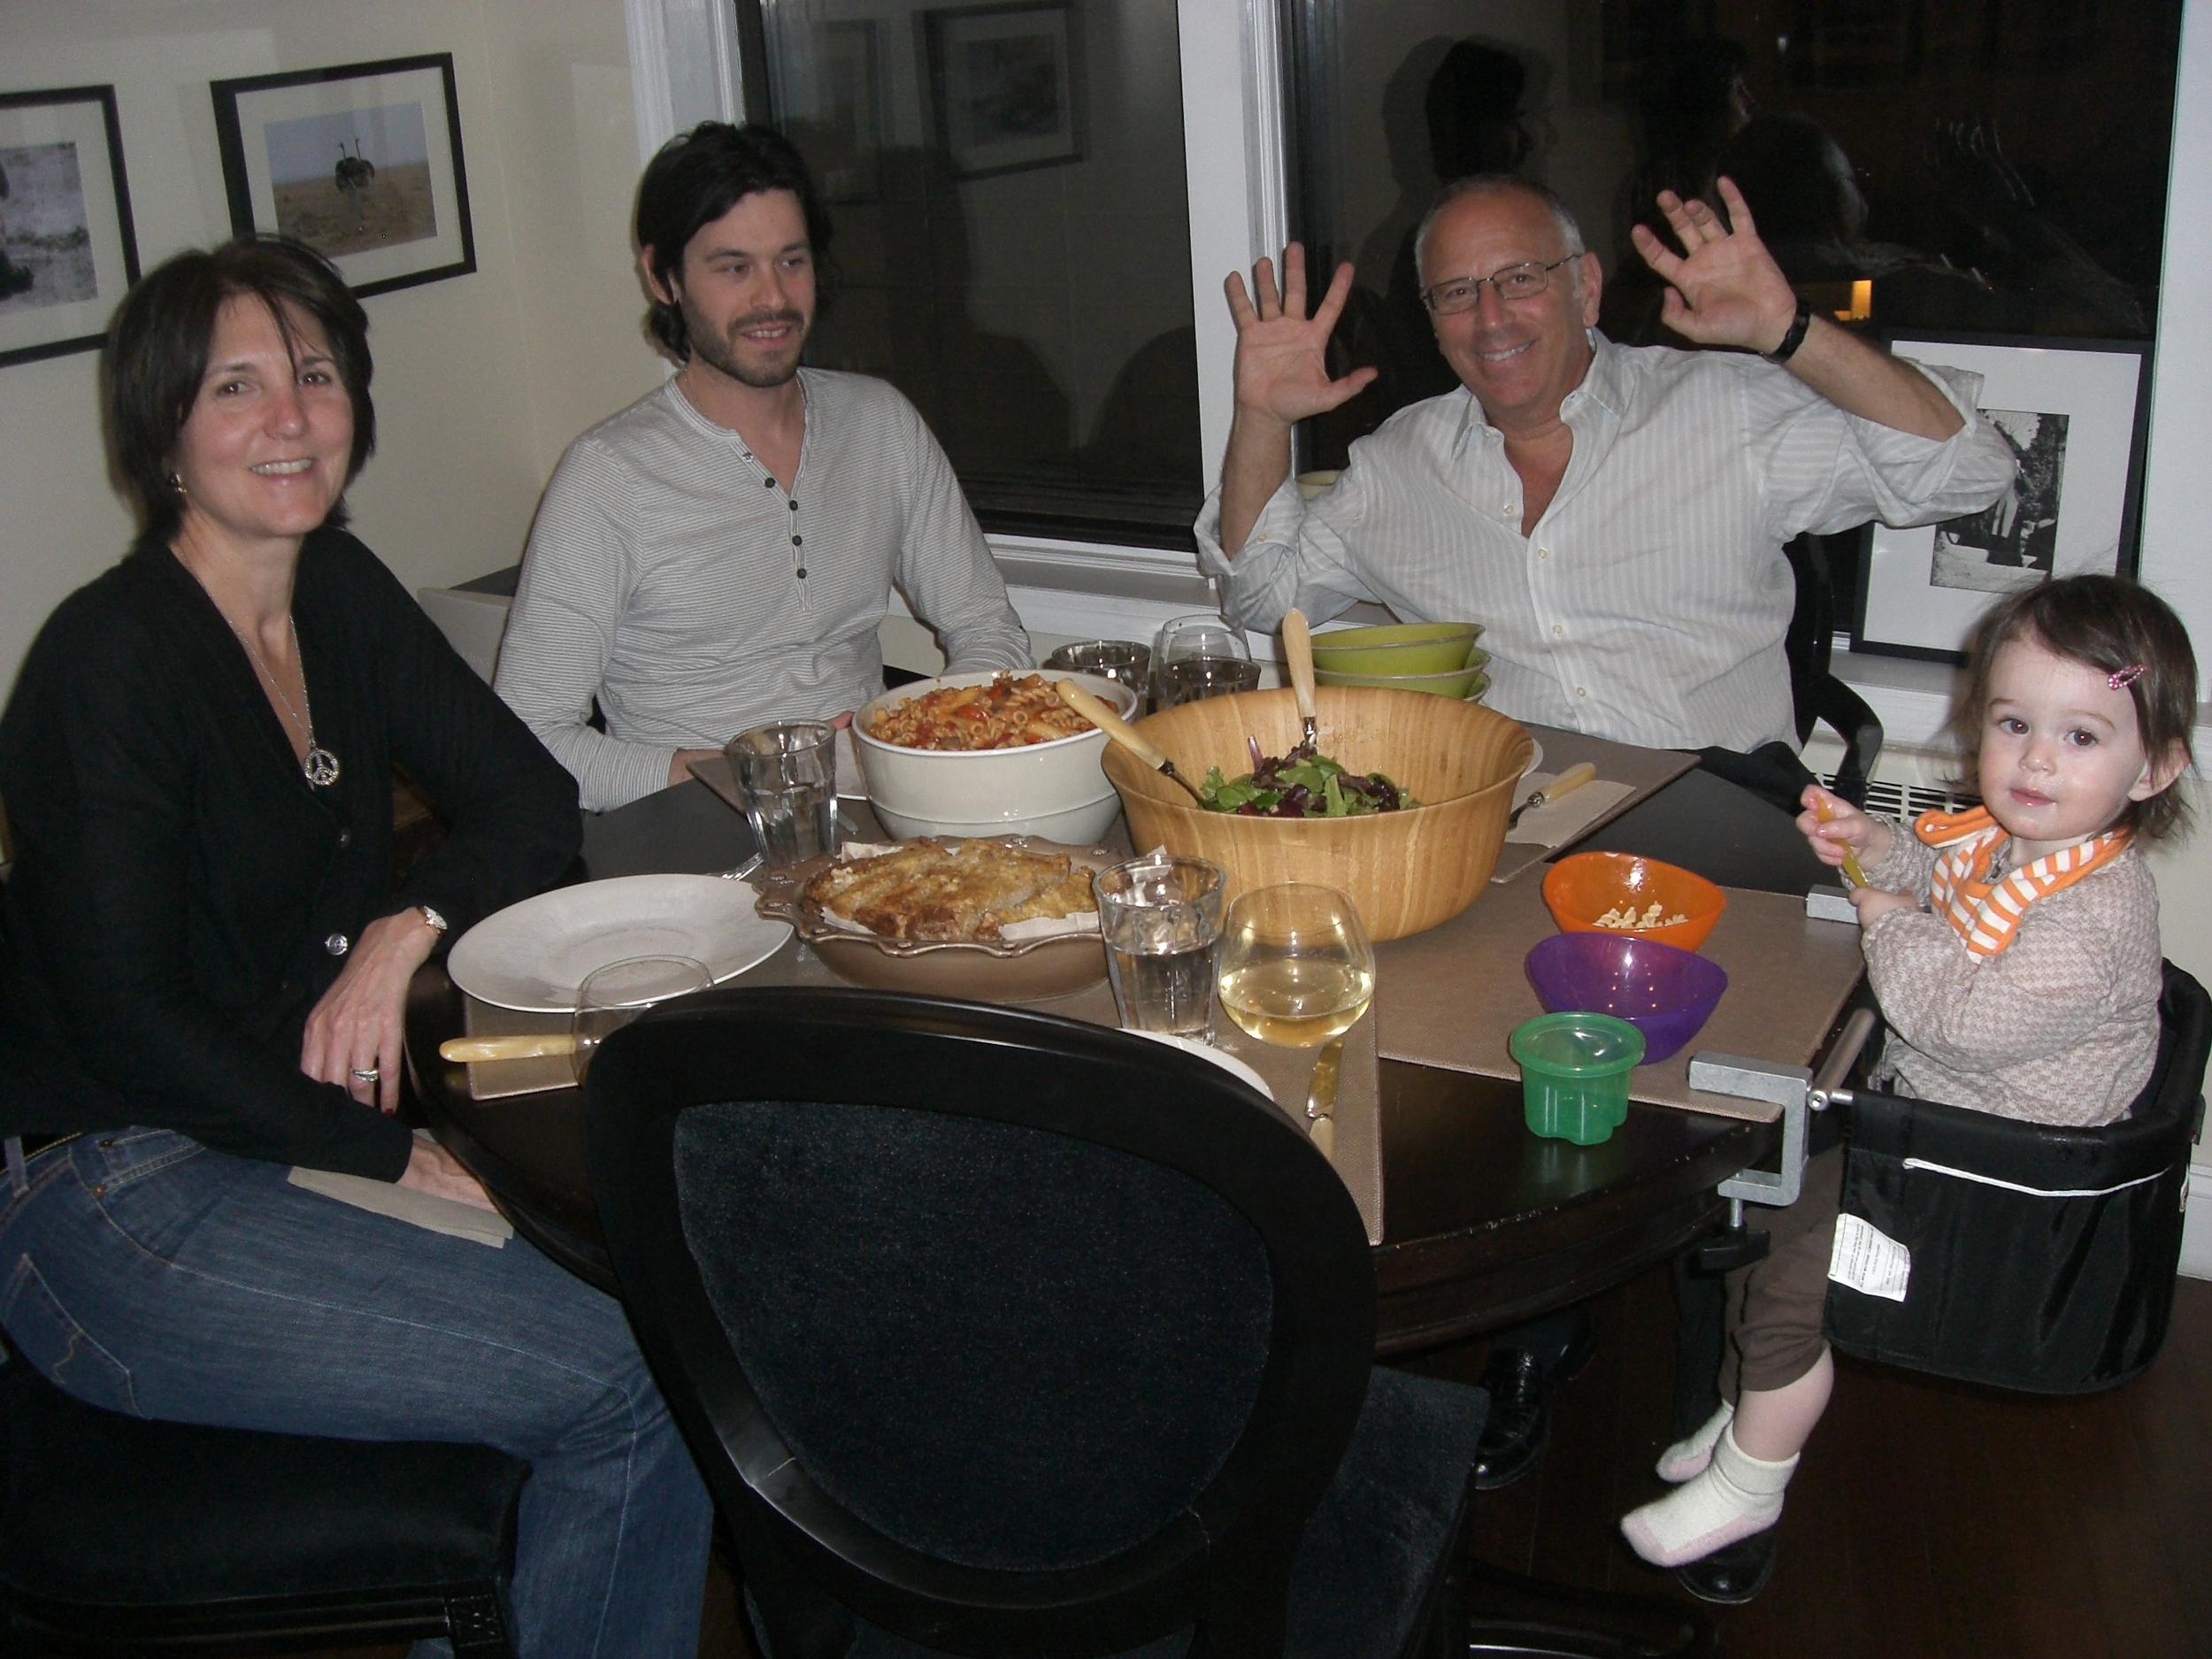 Vegan pasta family dinner.